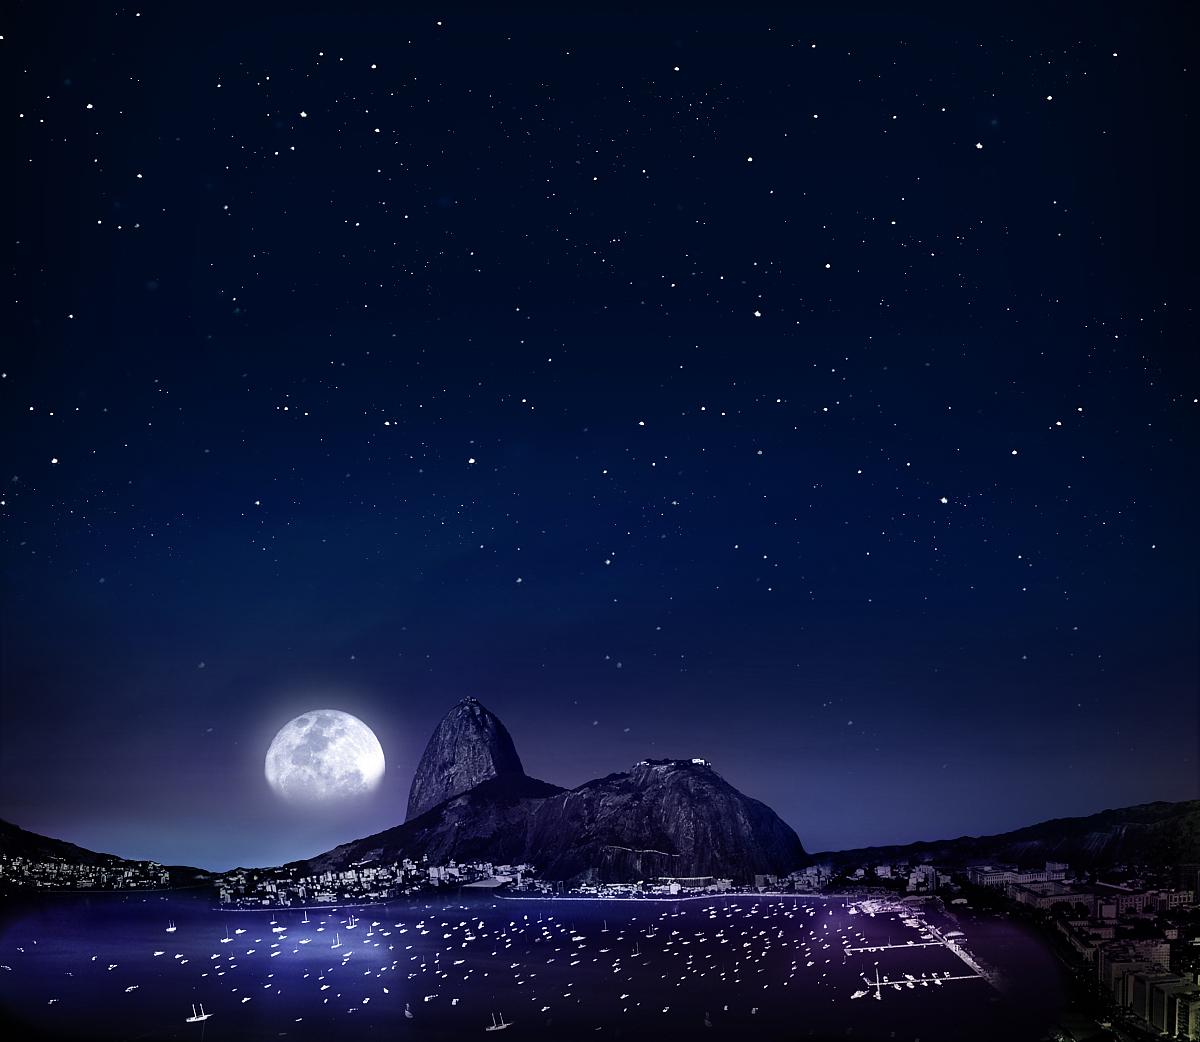 户外,南美,巴西,著名景点,水,天空,太空,月亮,星星,山,夜晚,海洋,里约图片